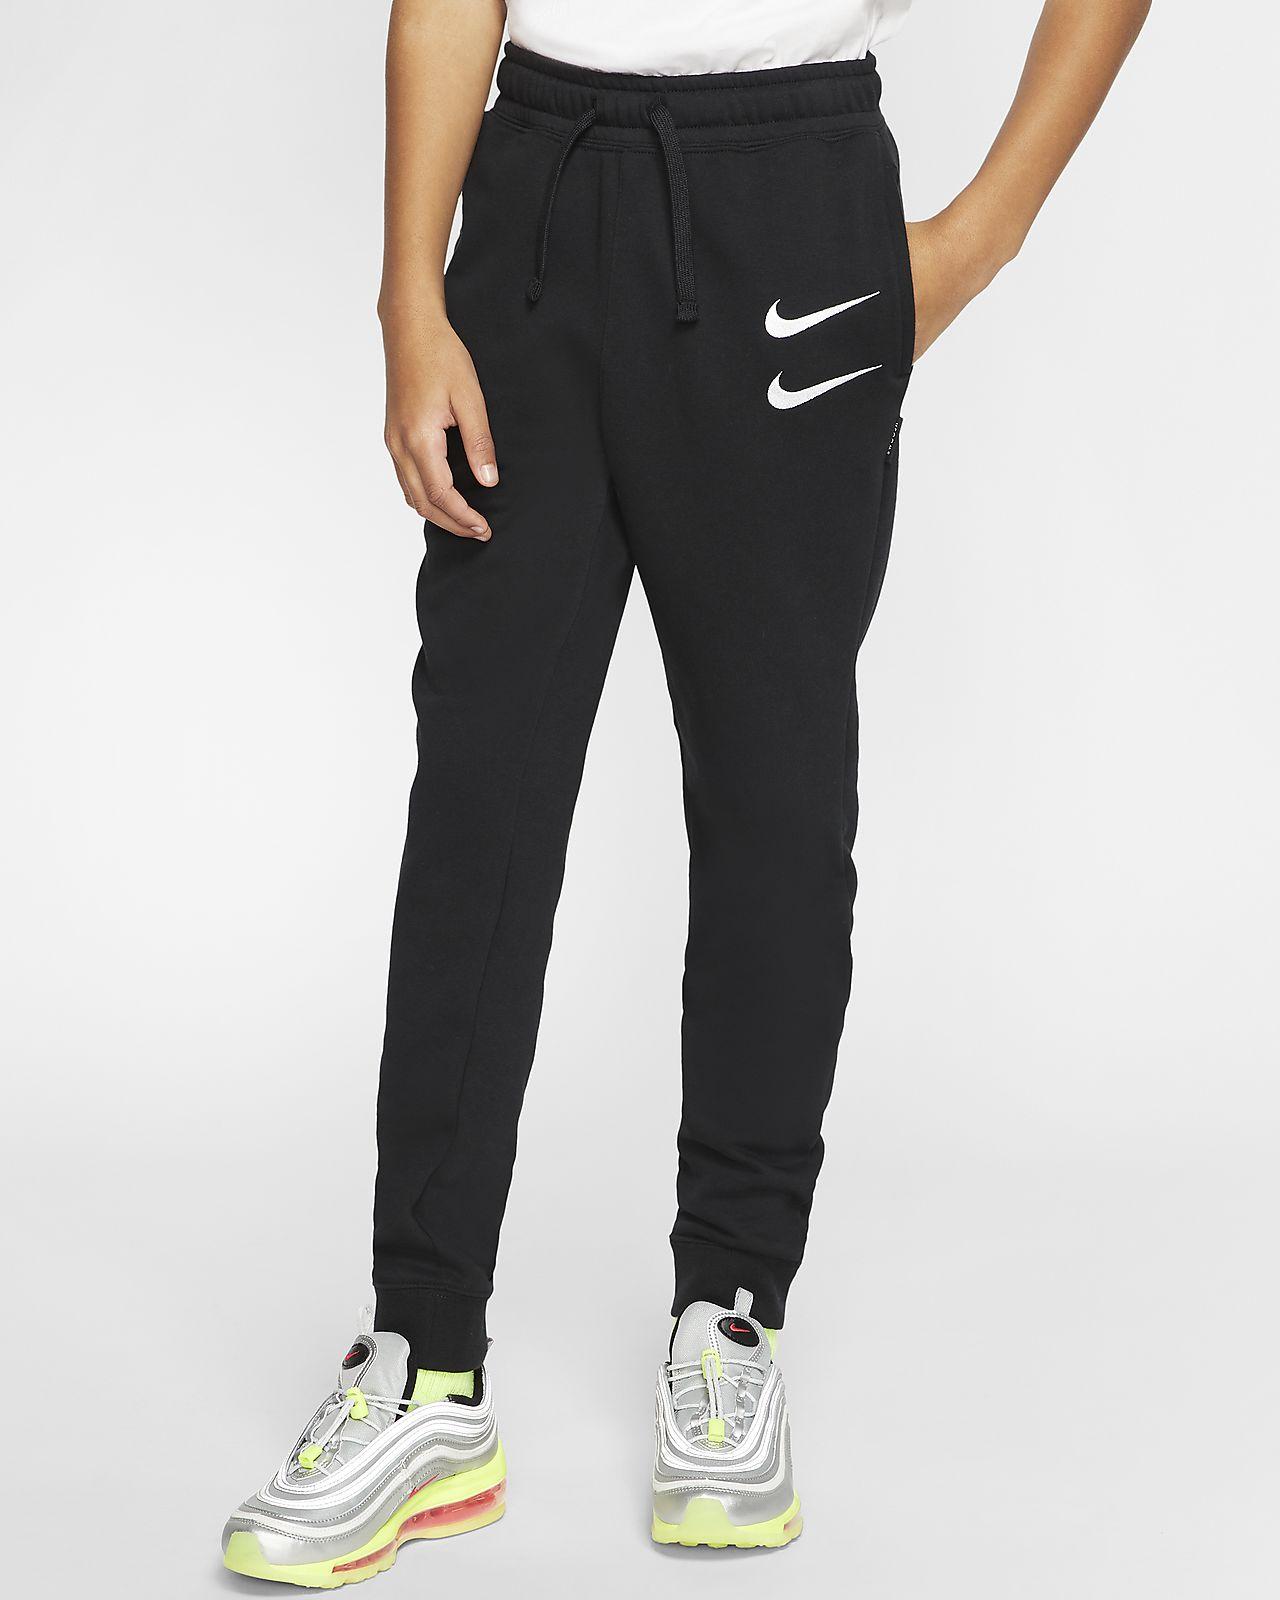 Nike Performance: Bekleidung und Accessoires Schuhe, Hosen